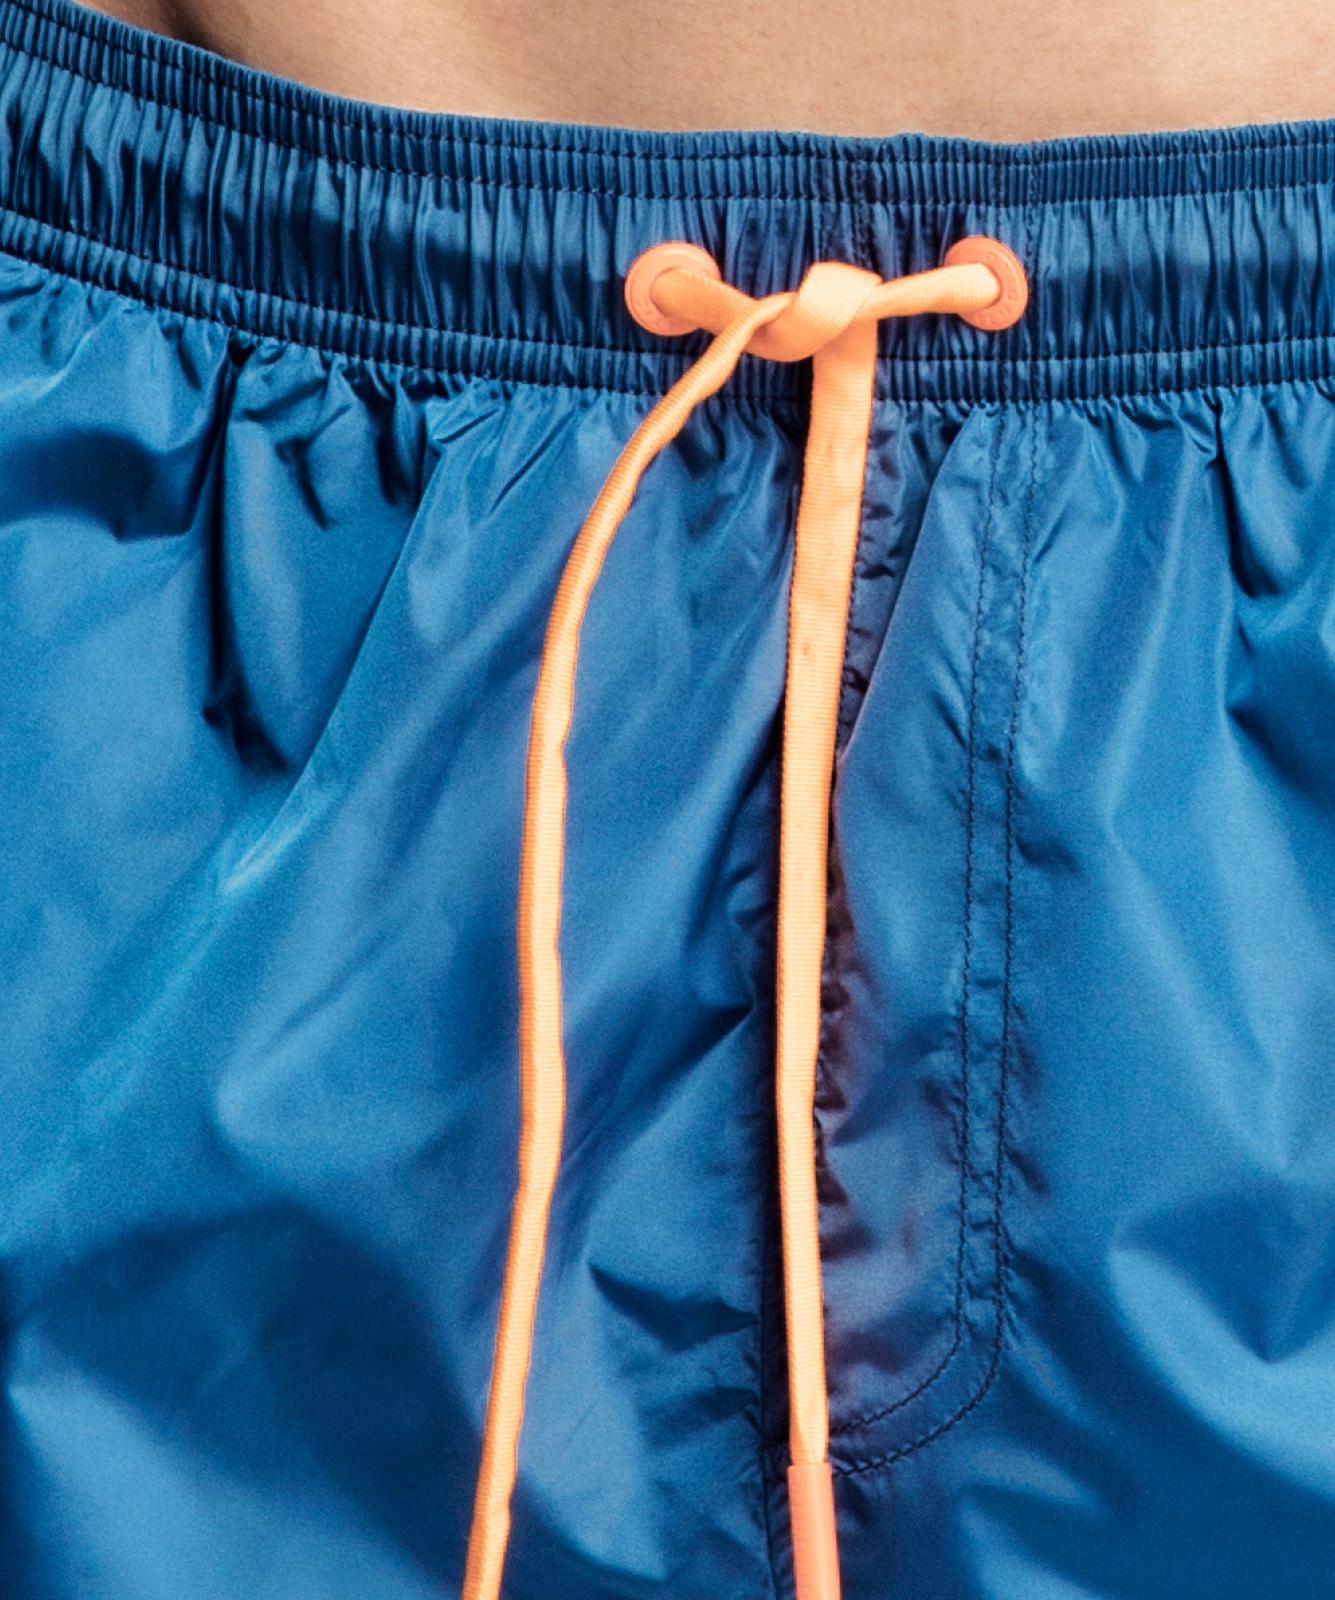 Пляжные шорты мужские Atlantic, 1 шт. в уп., полиэстер, деним, KMB-188